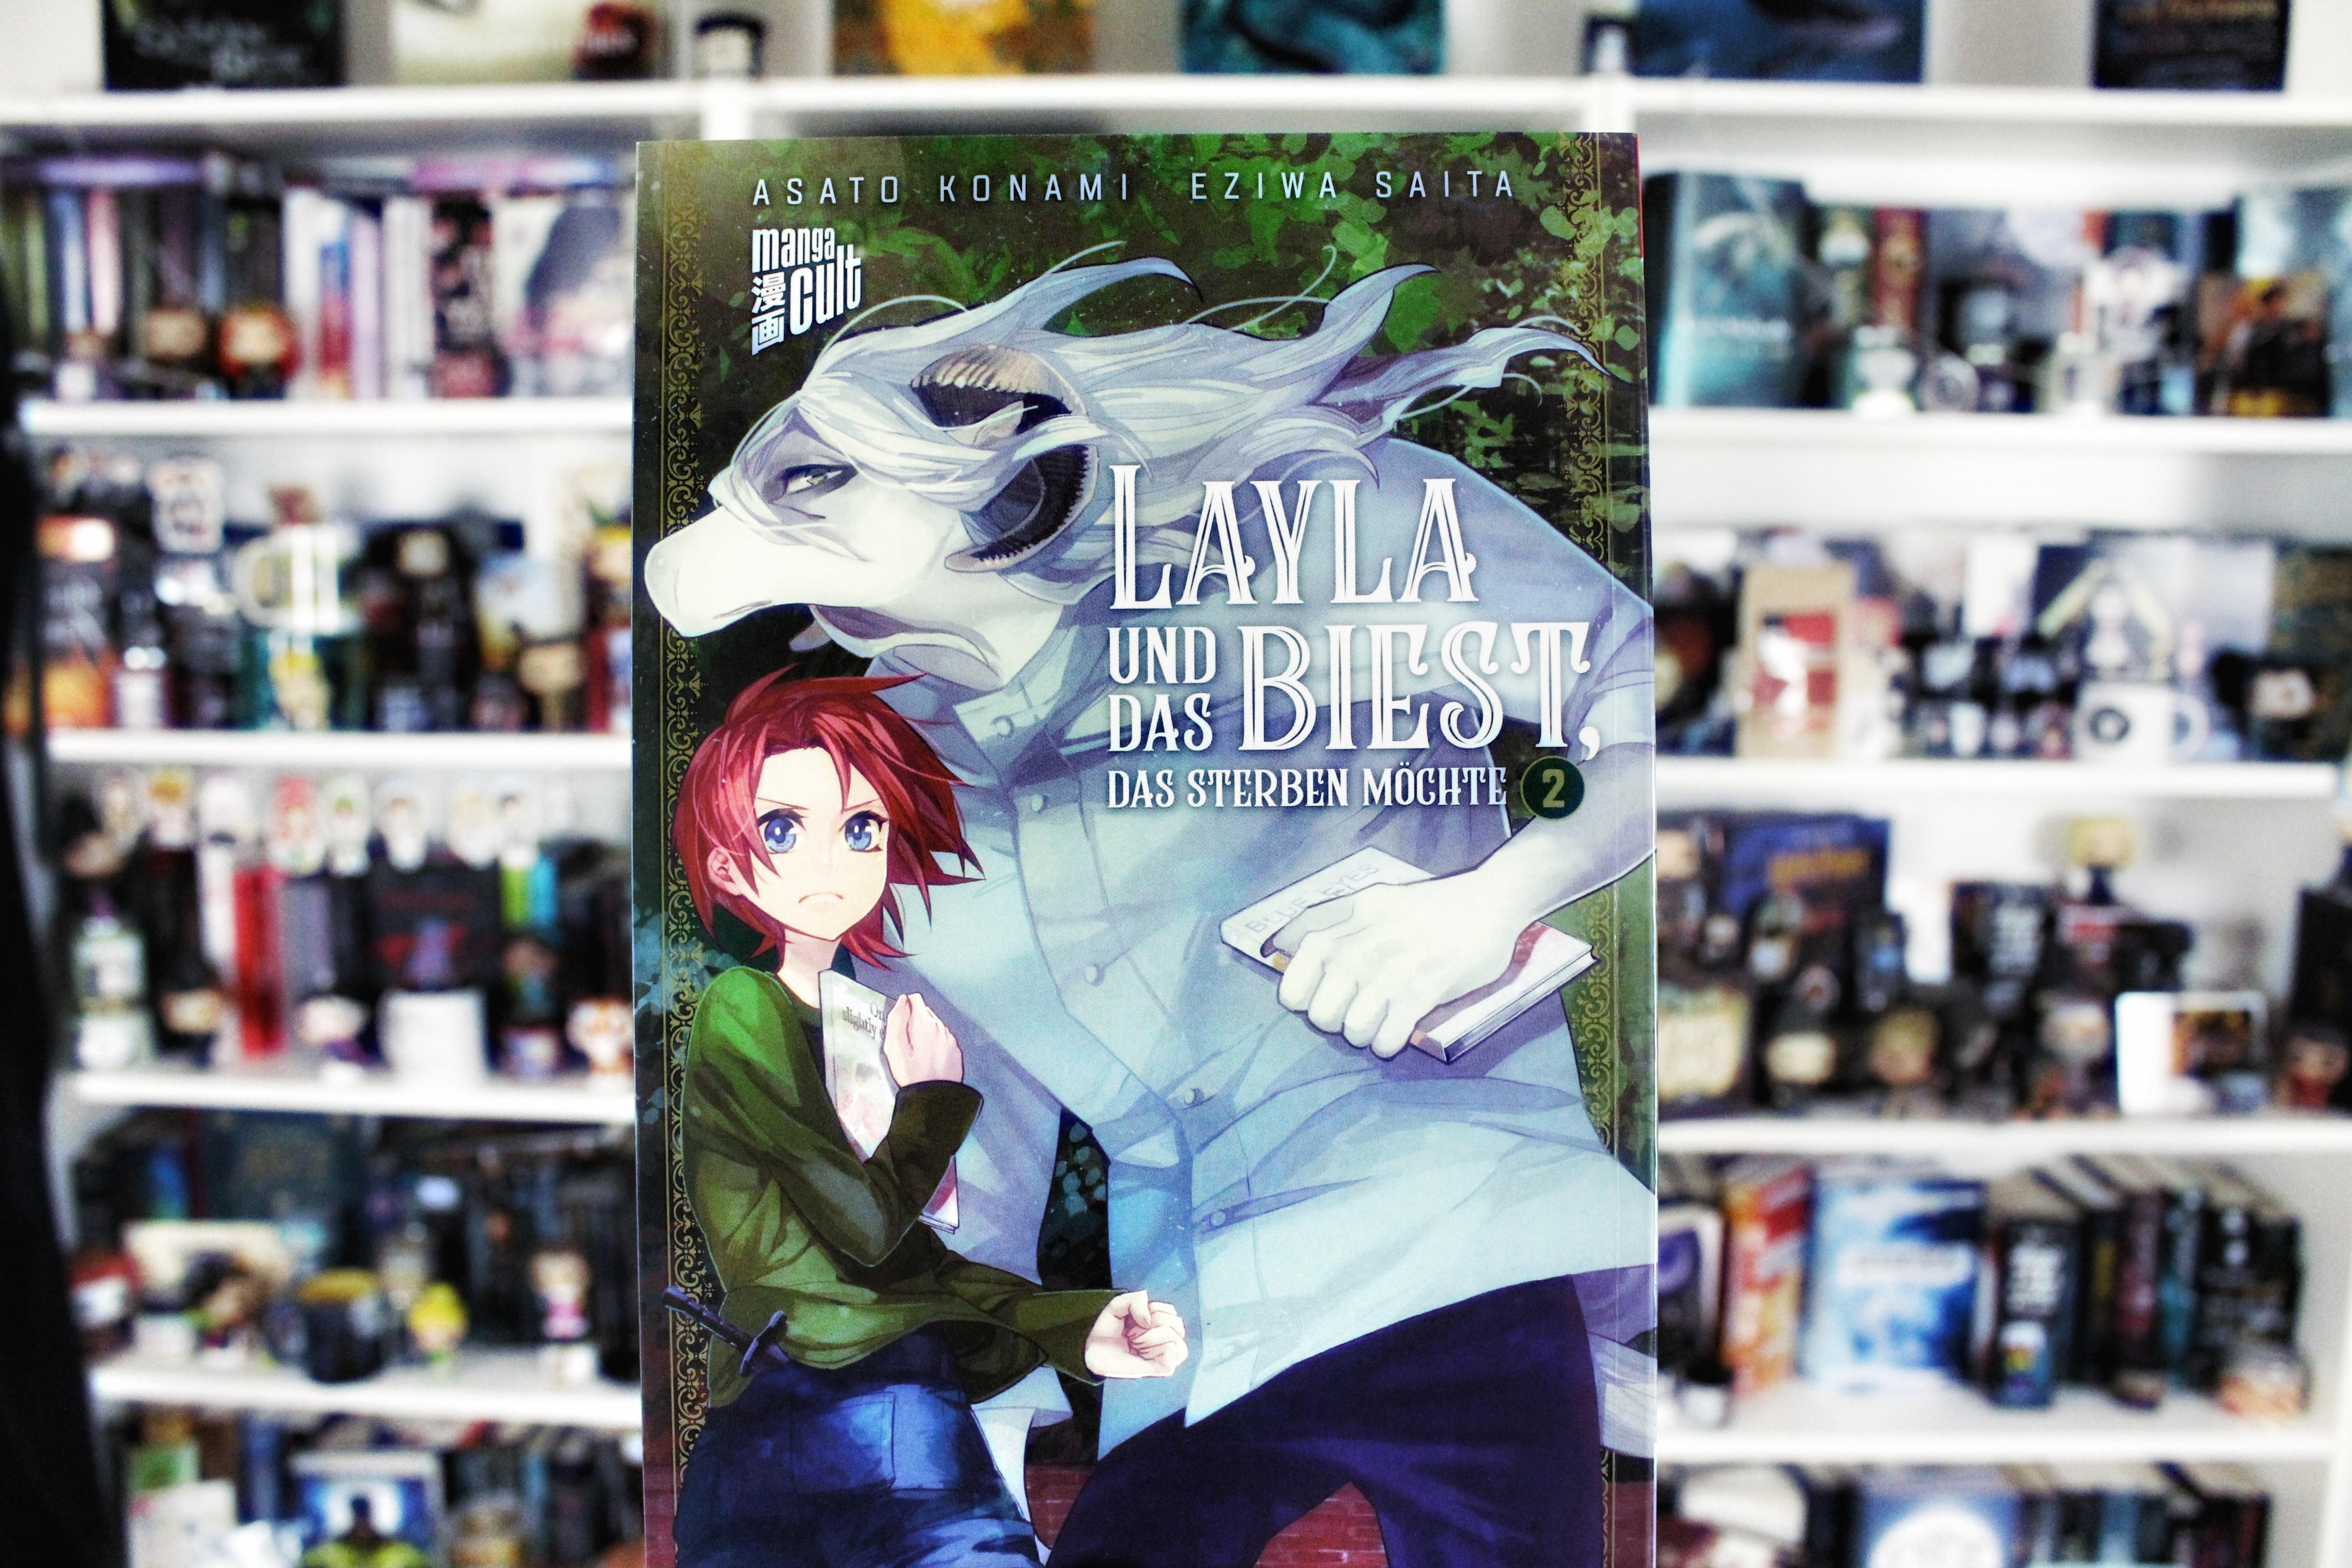 Rezension | Layla und das Biest, das sterben möchte 2